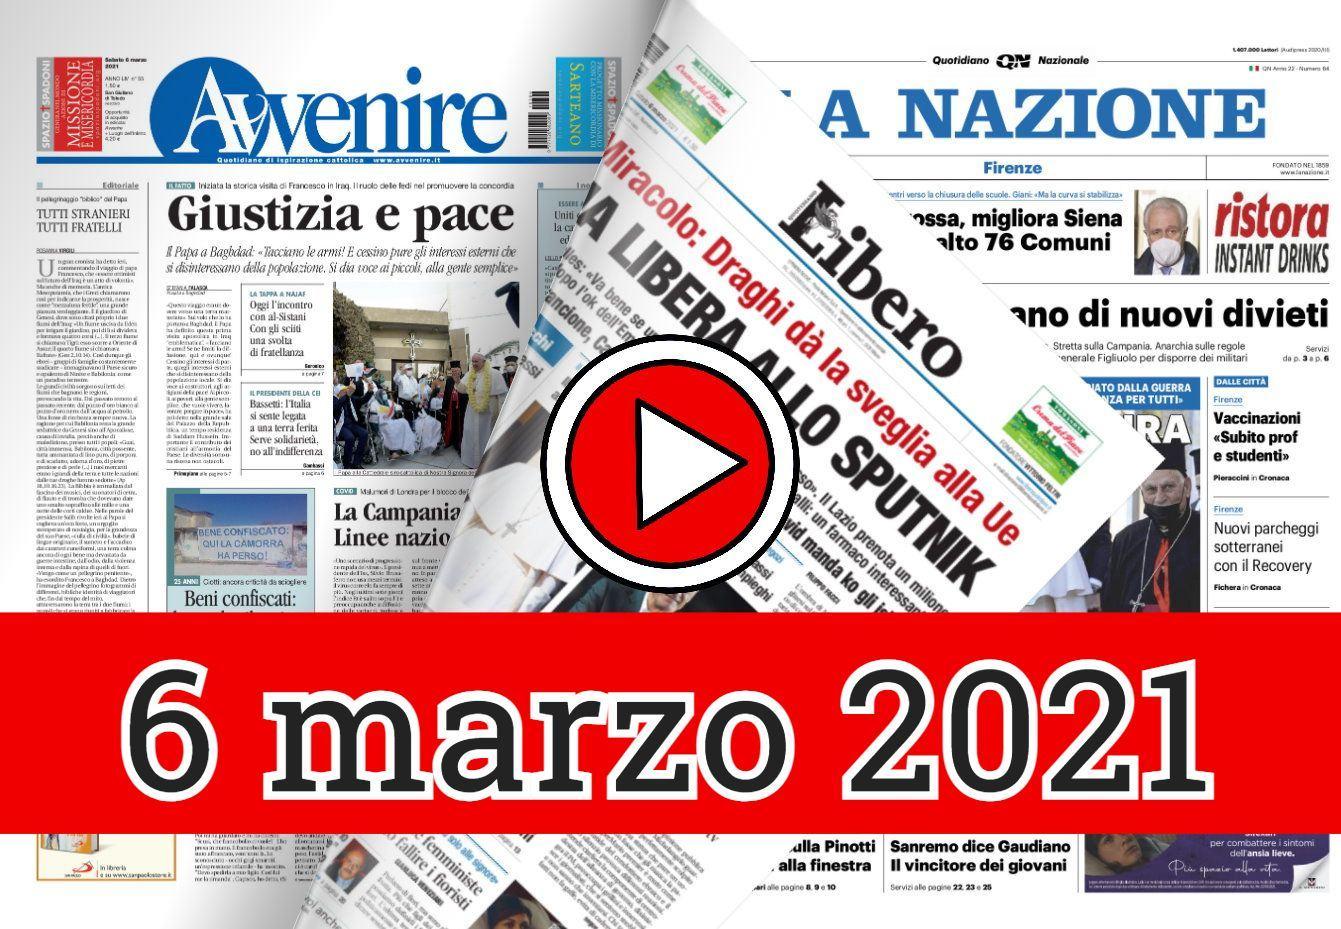 Rassegna stampa del 6 marzo 2021 prime di copertina dei giornali in pdf